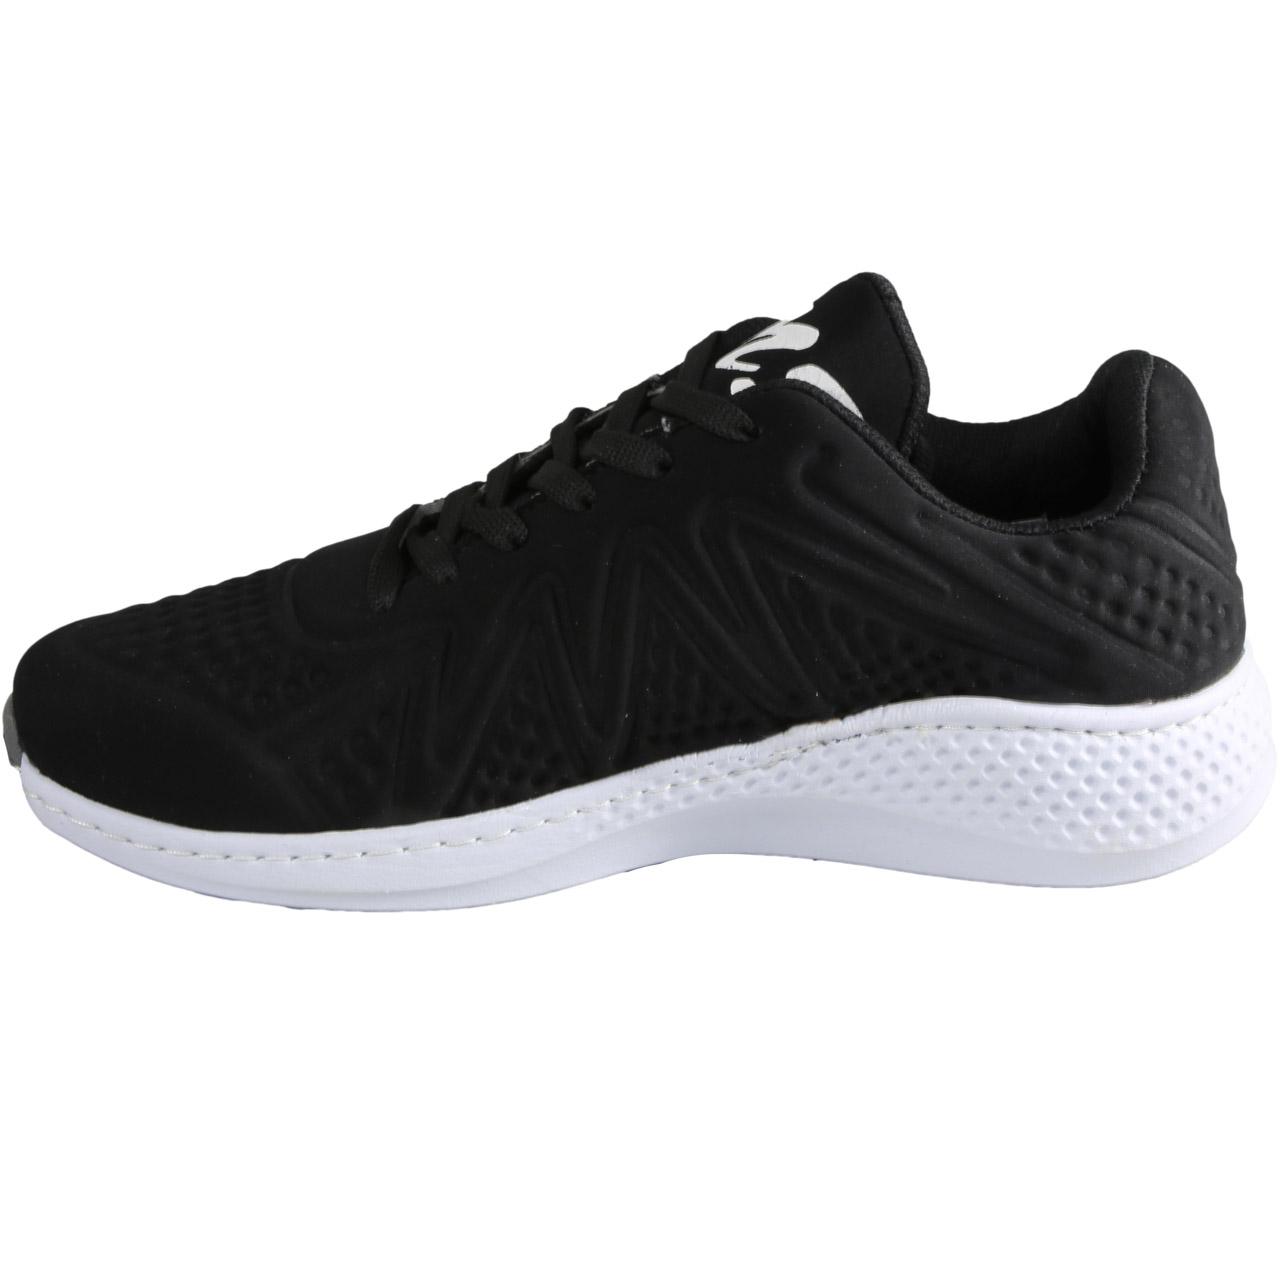 قیمت کفش مخصوص پیاده روی و دویدن مردانه مونیخ مدل K.NA.009